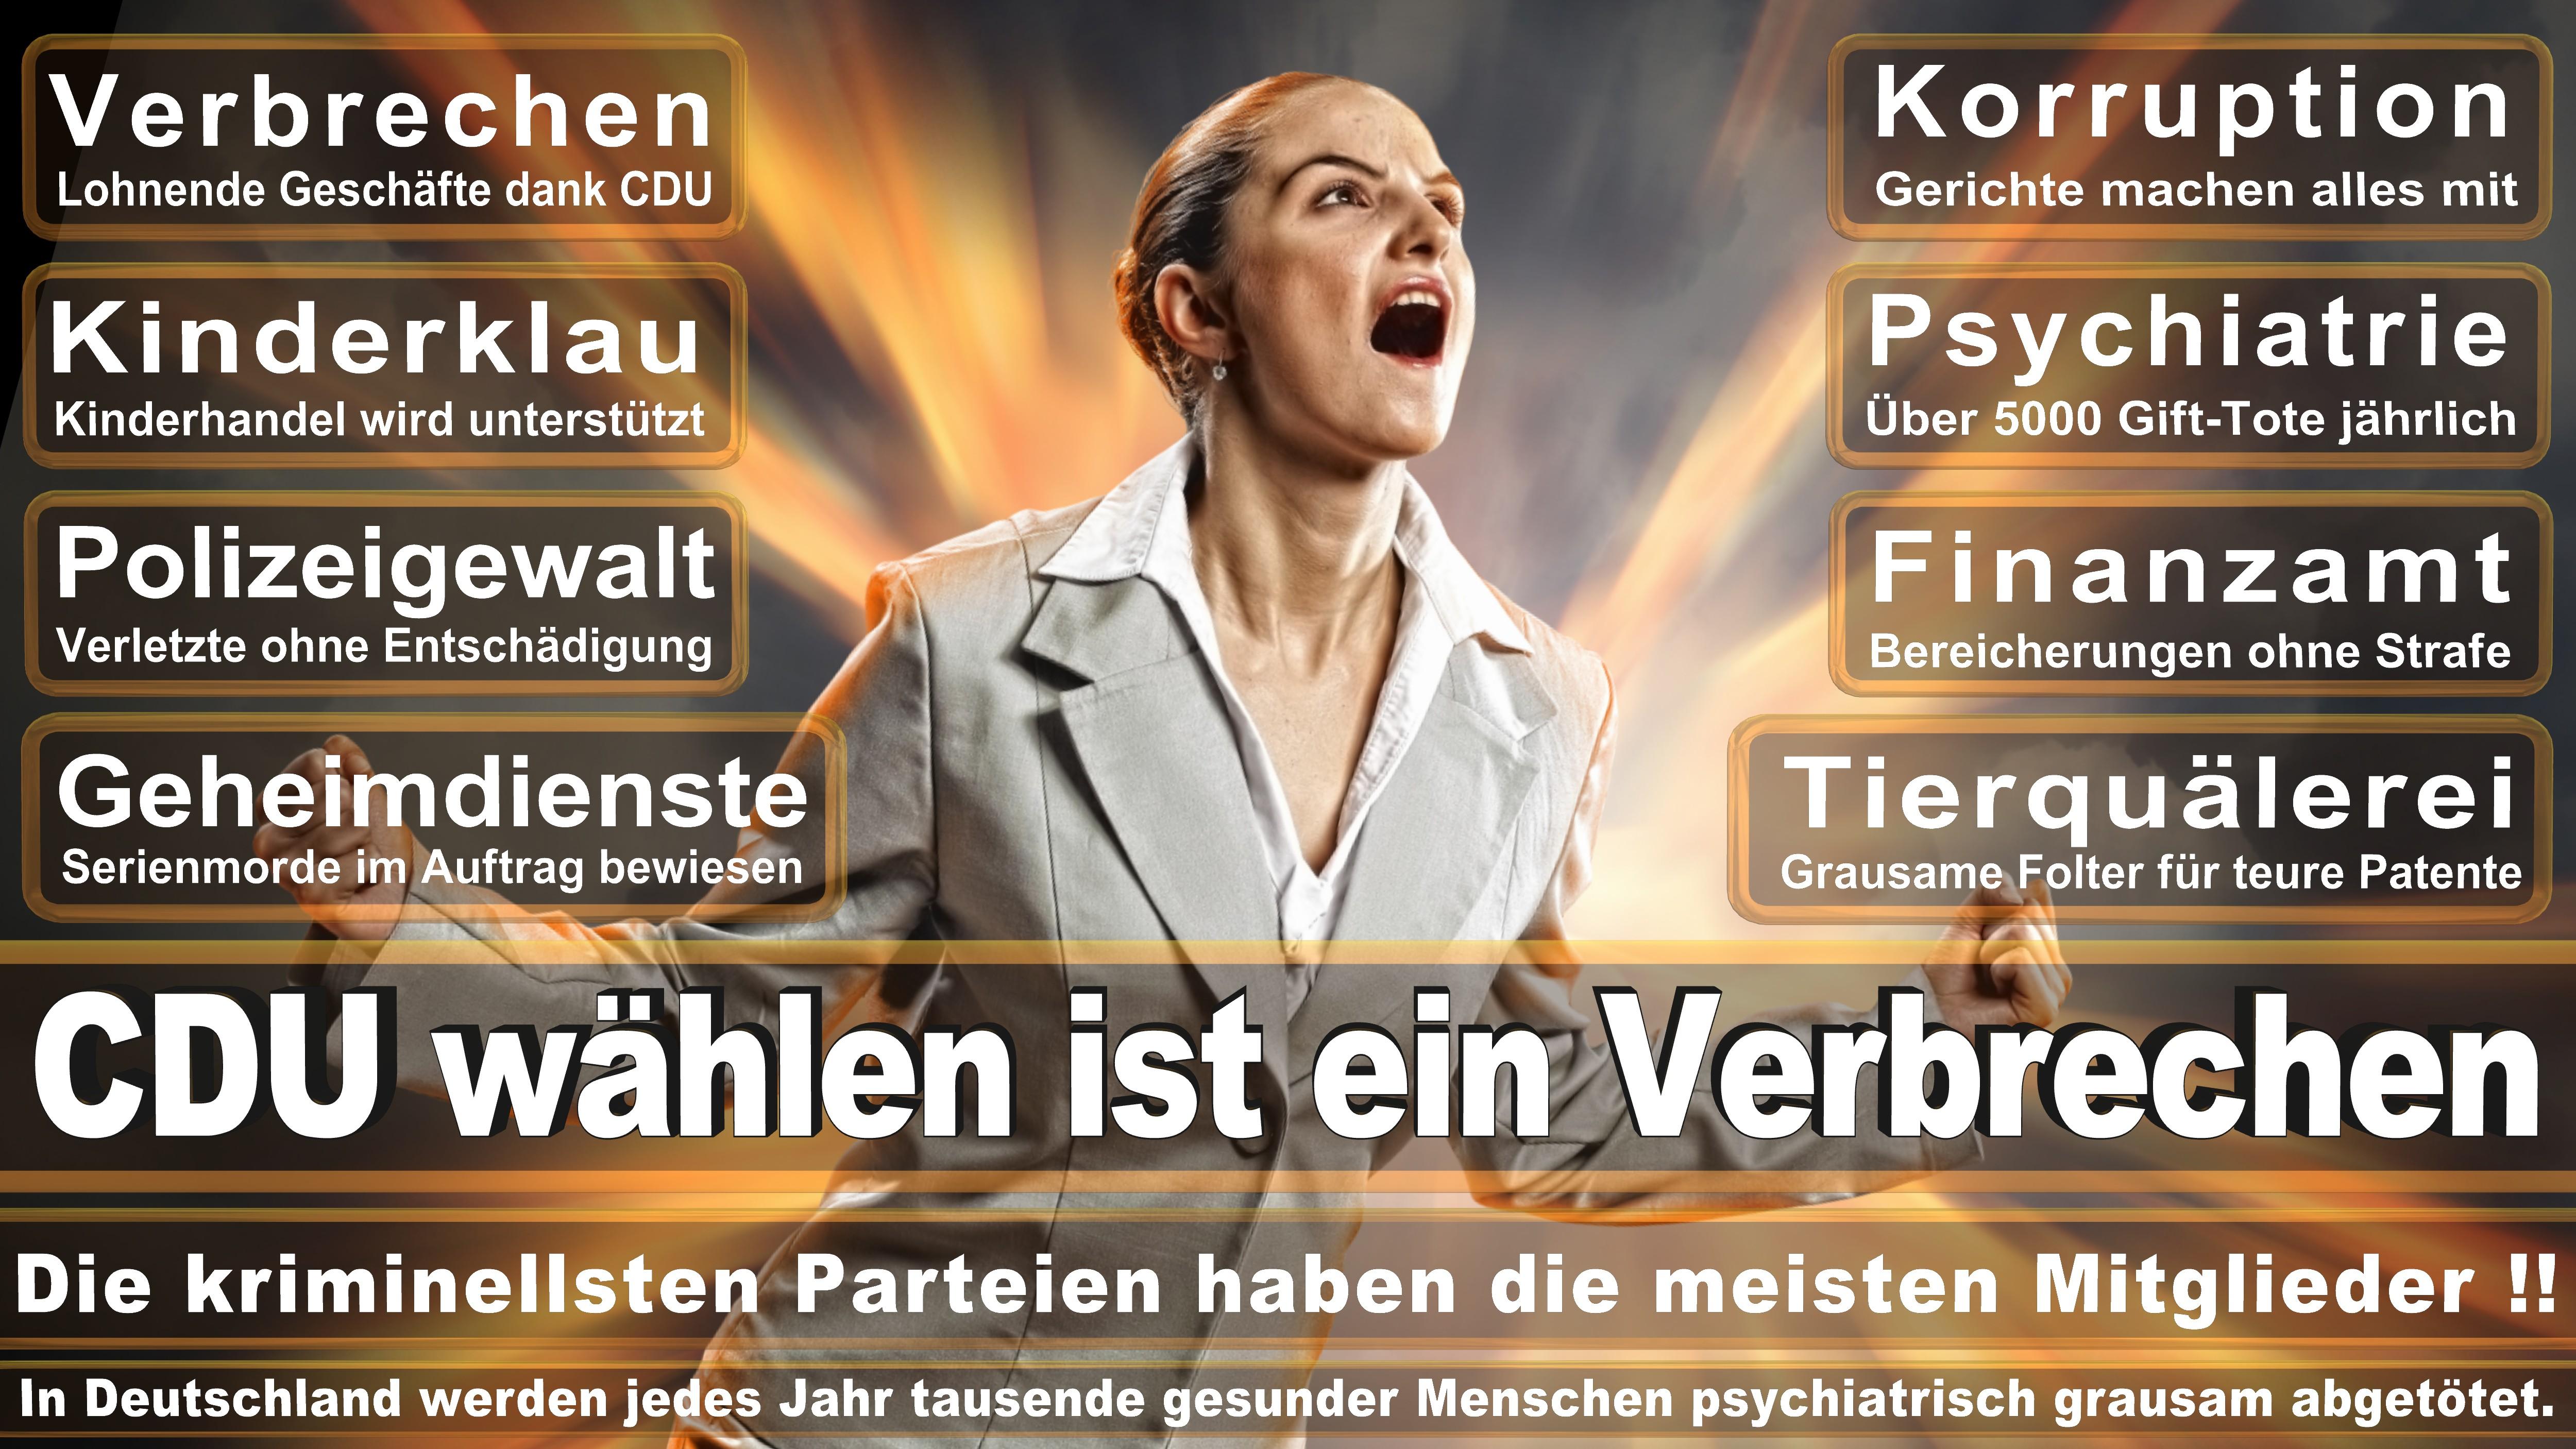 CDU Bielefeld, Vorstand, Ratsmitglieder, Ortsverband, Andreas Rüther, Mike Krüger, Michael Weber, Lena Strothmann, Vincenzo Copertino, Elmar Brok, Ralf Nettelstroth, Detlef Werner, Marcus Kleinkes (18)